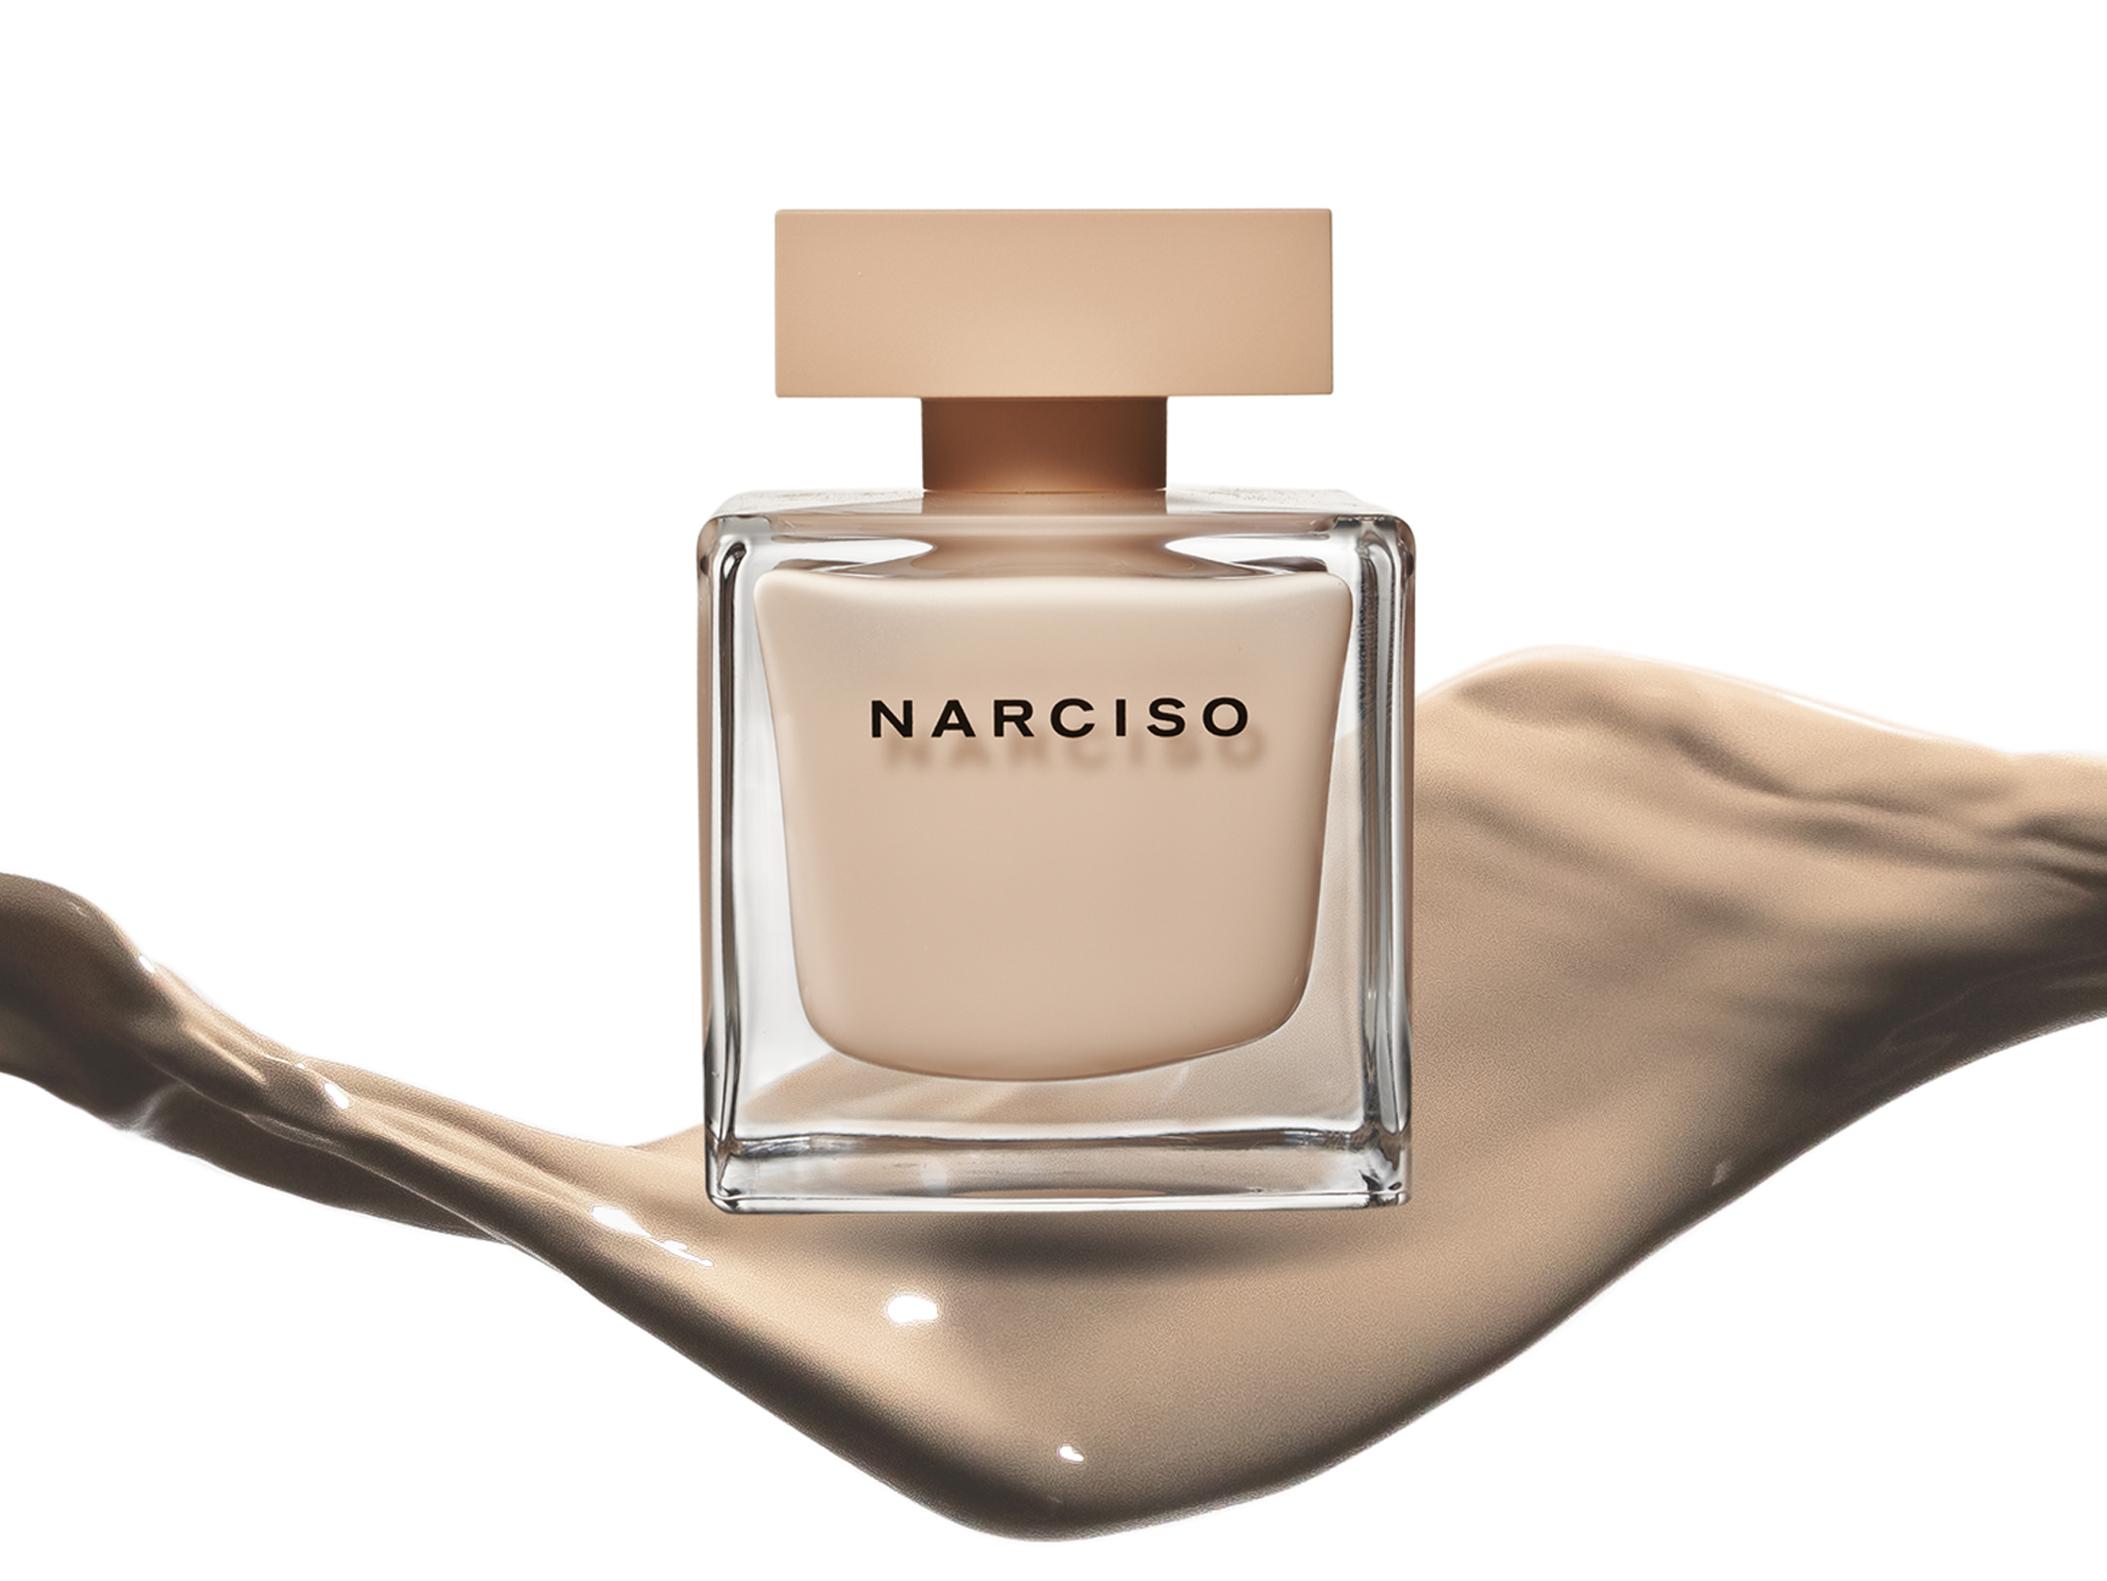 180608_Narciso_Prelight_PoudreTriptych_2 copy.jpg